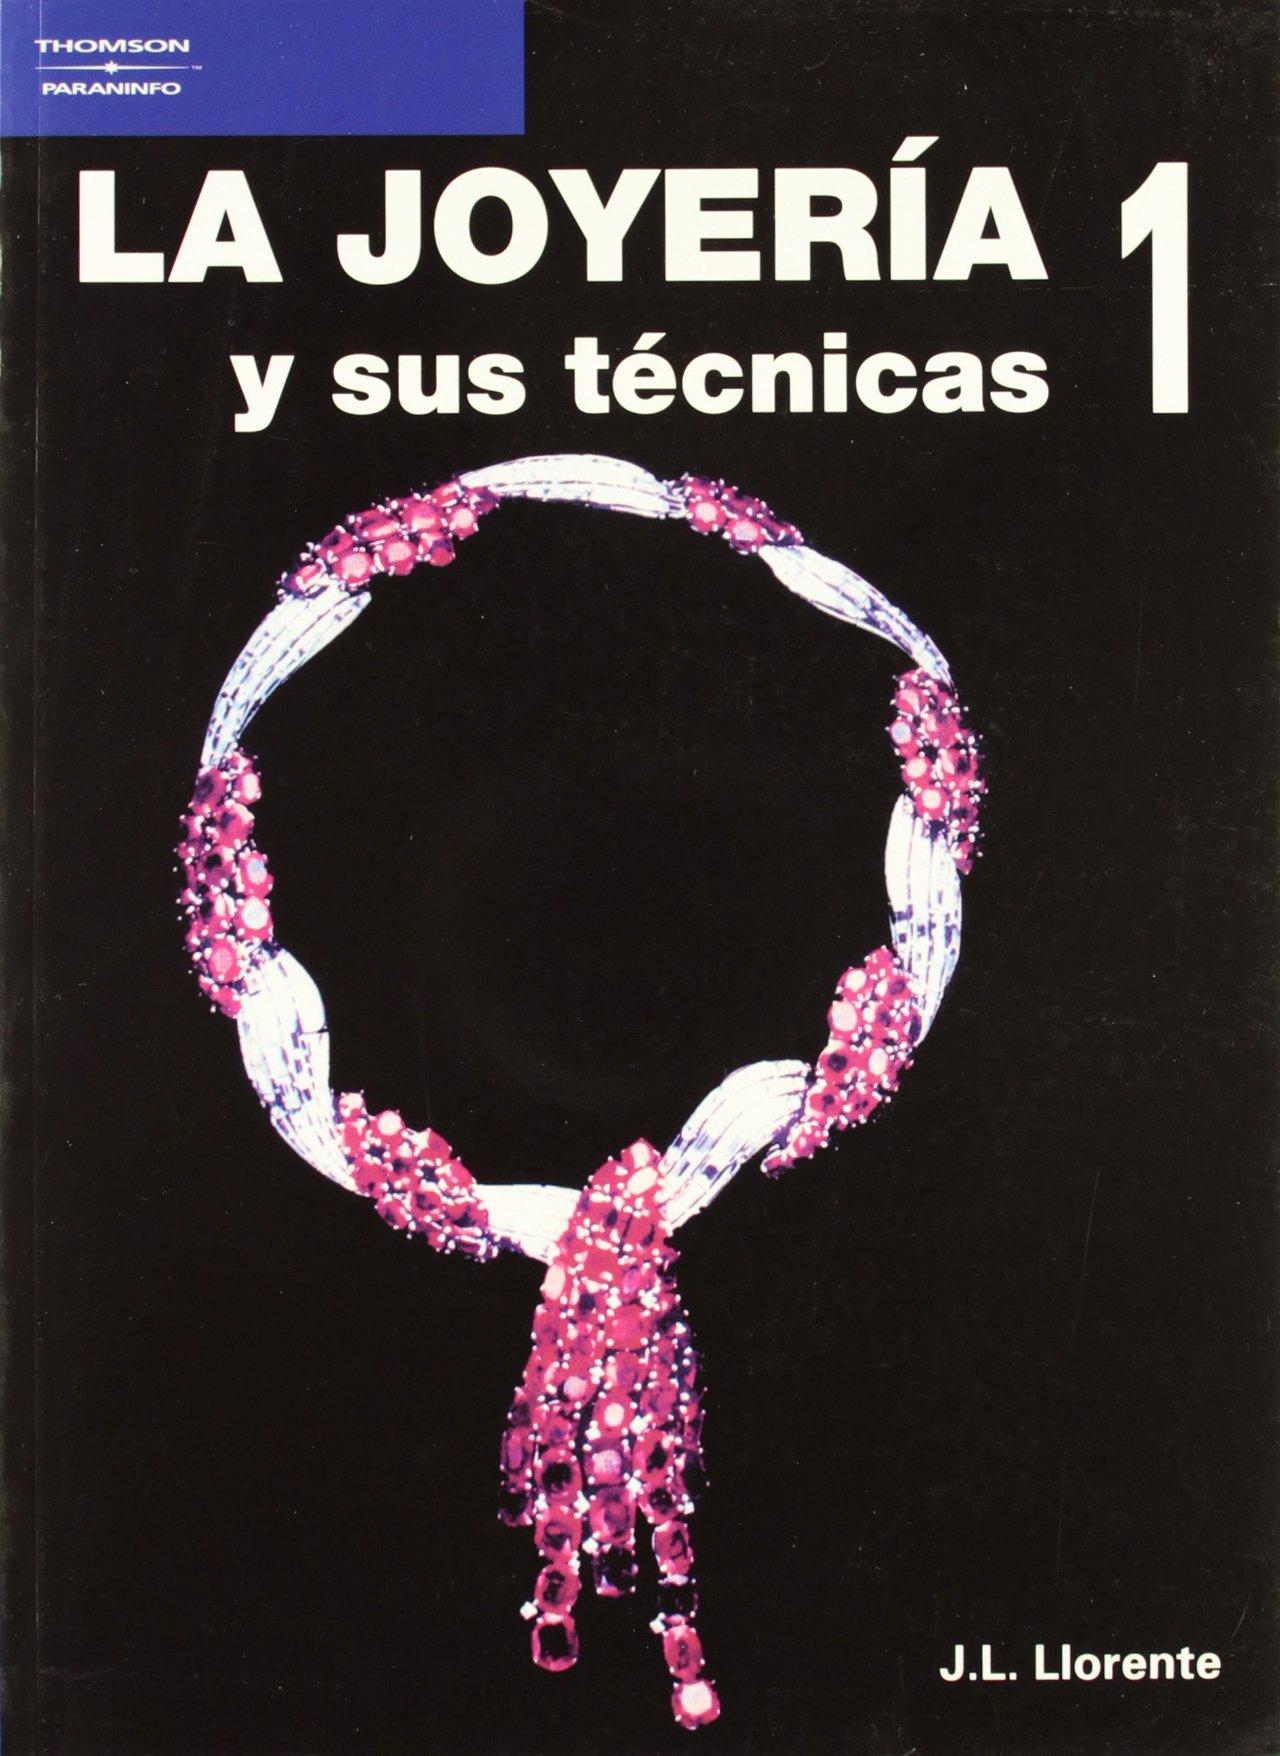 La joyería y sus técnicas. Tomo 1 Tapa blanda – 31 dic 1989 J. L. Llorente Ediciones Paraninfo S.A 8428317089